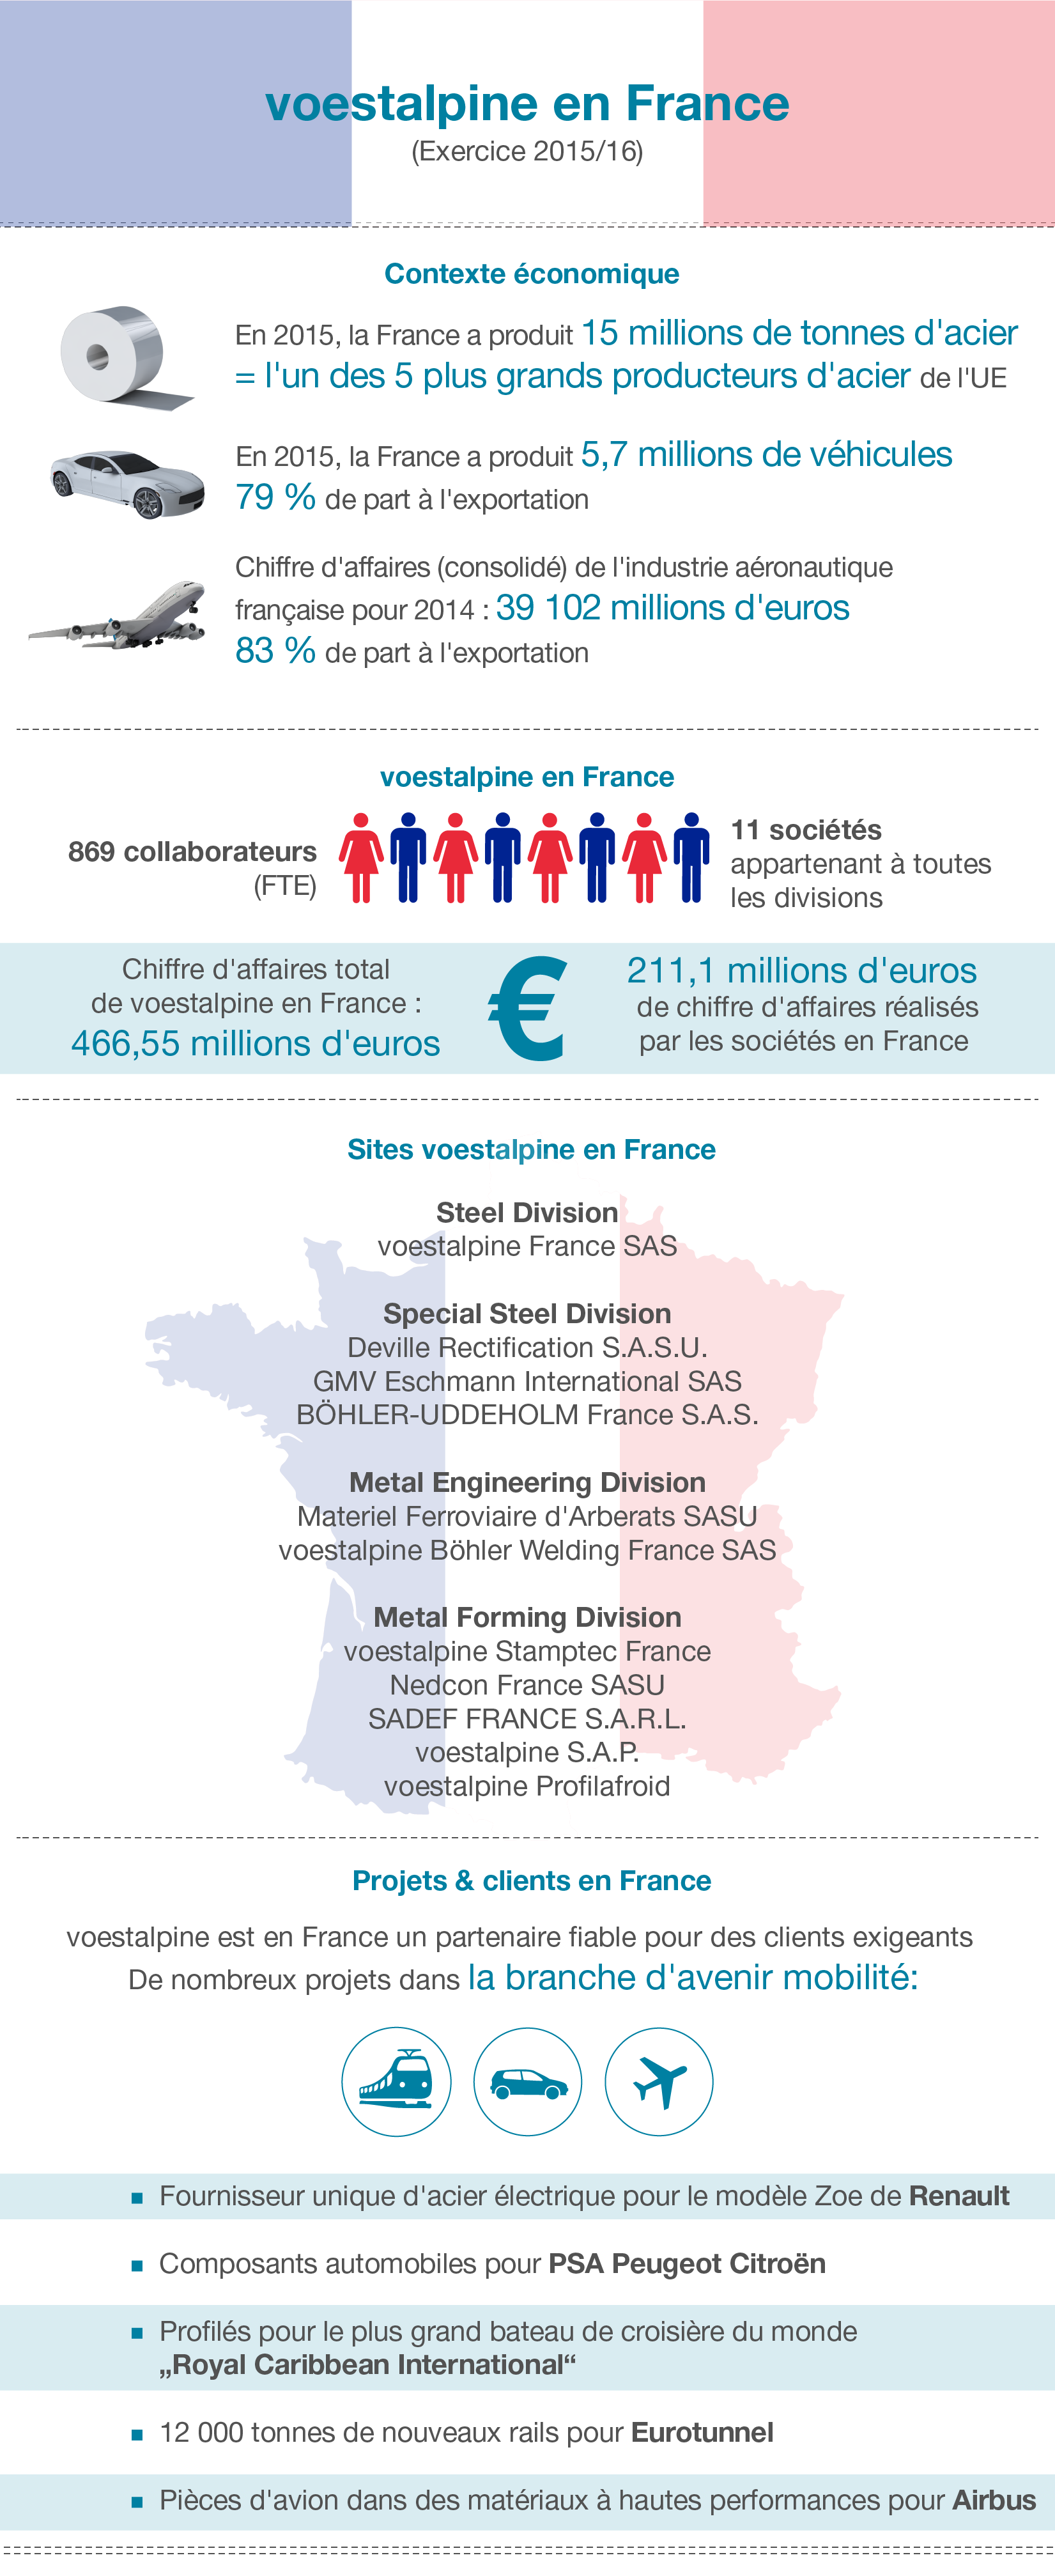 voestalpine en France